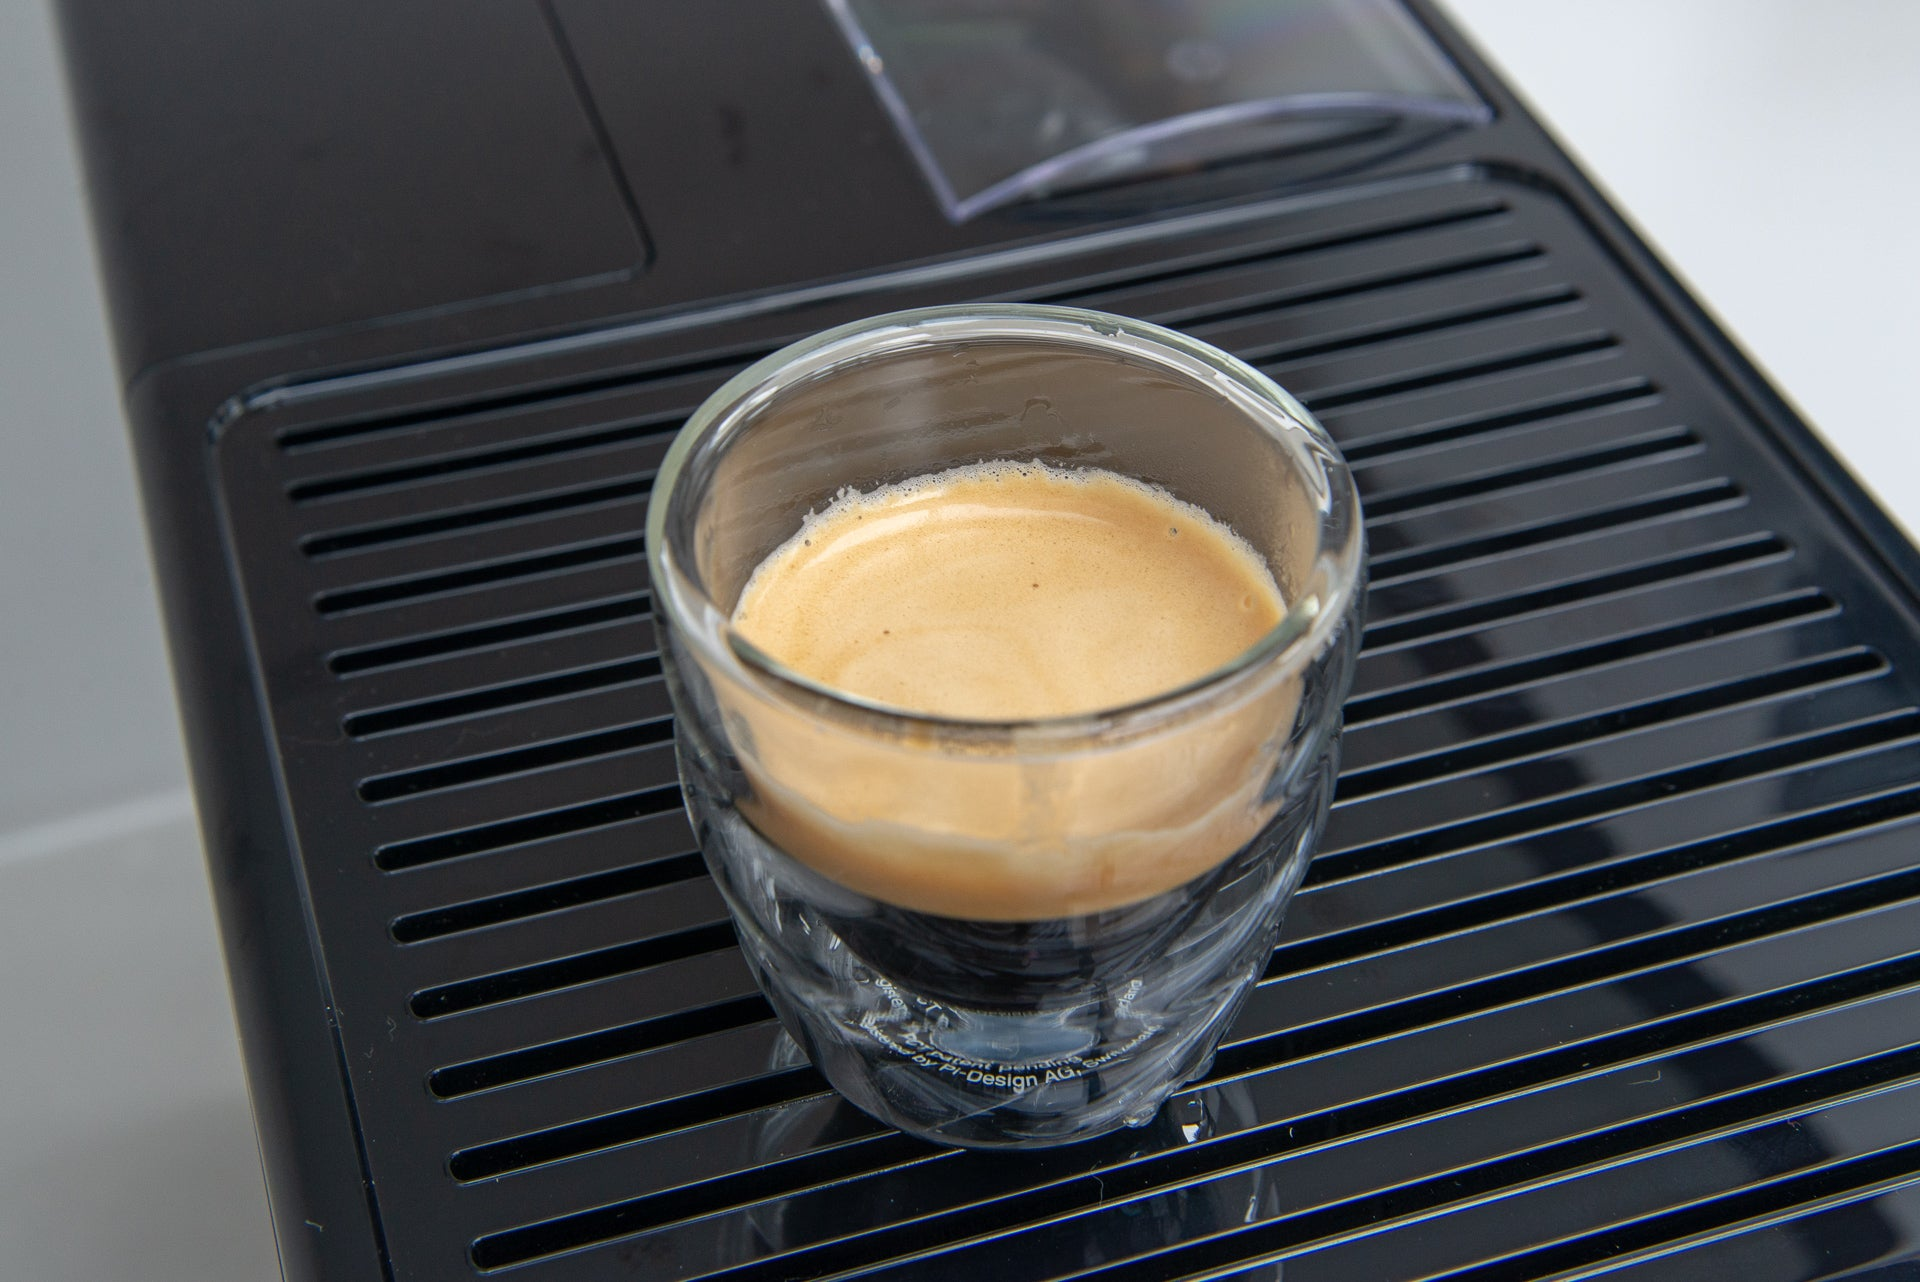 Melitta Caffeo Solo & Perfect Milk shot of espresso